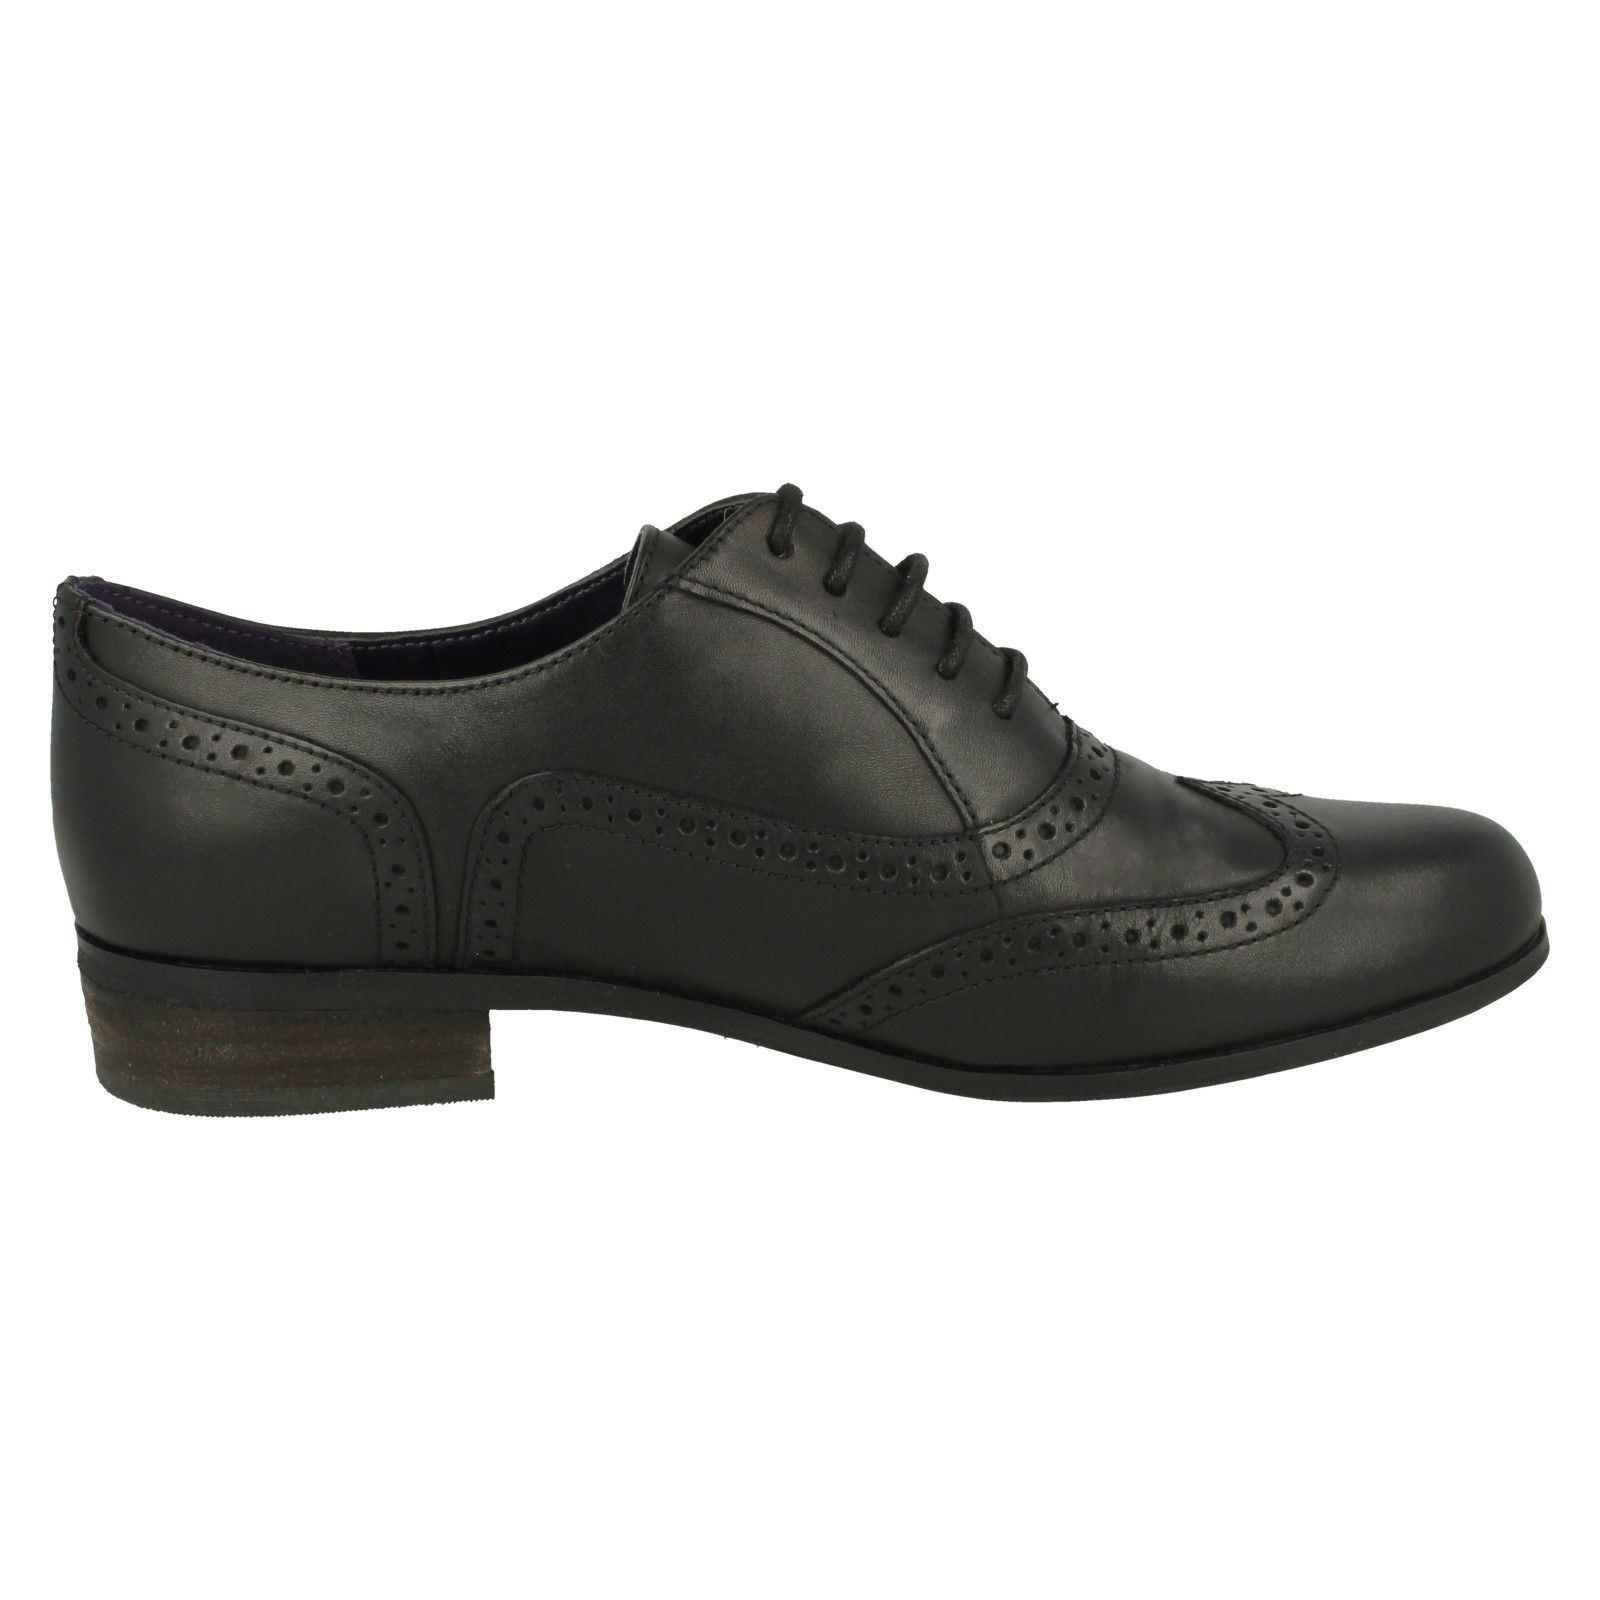 134ba0d9035 Clarks Ladies Vintage Style Leather Patent Lace Up Brogue Shoes ...